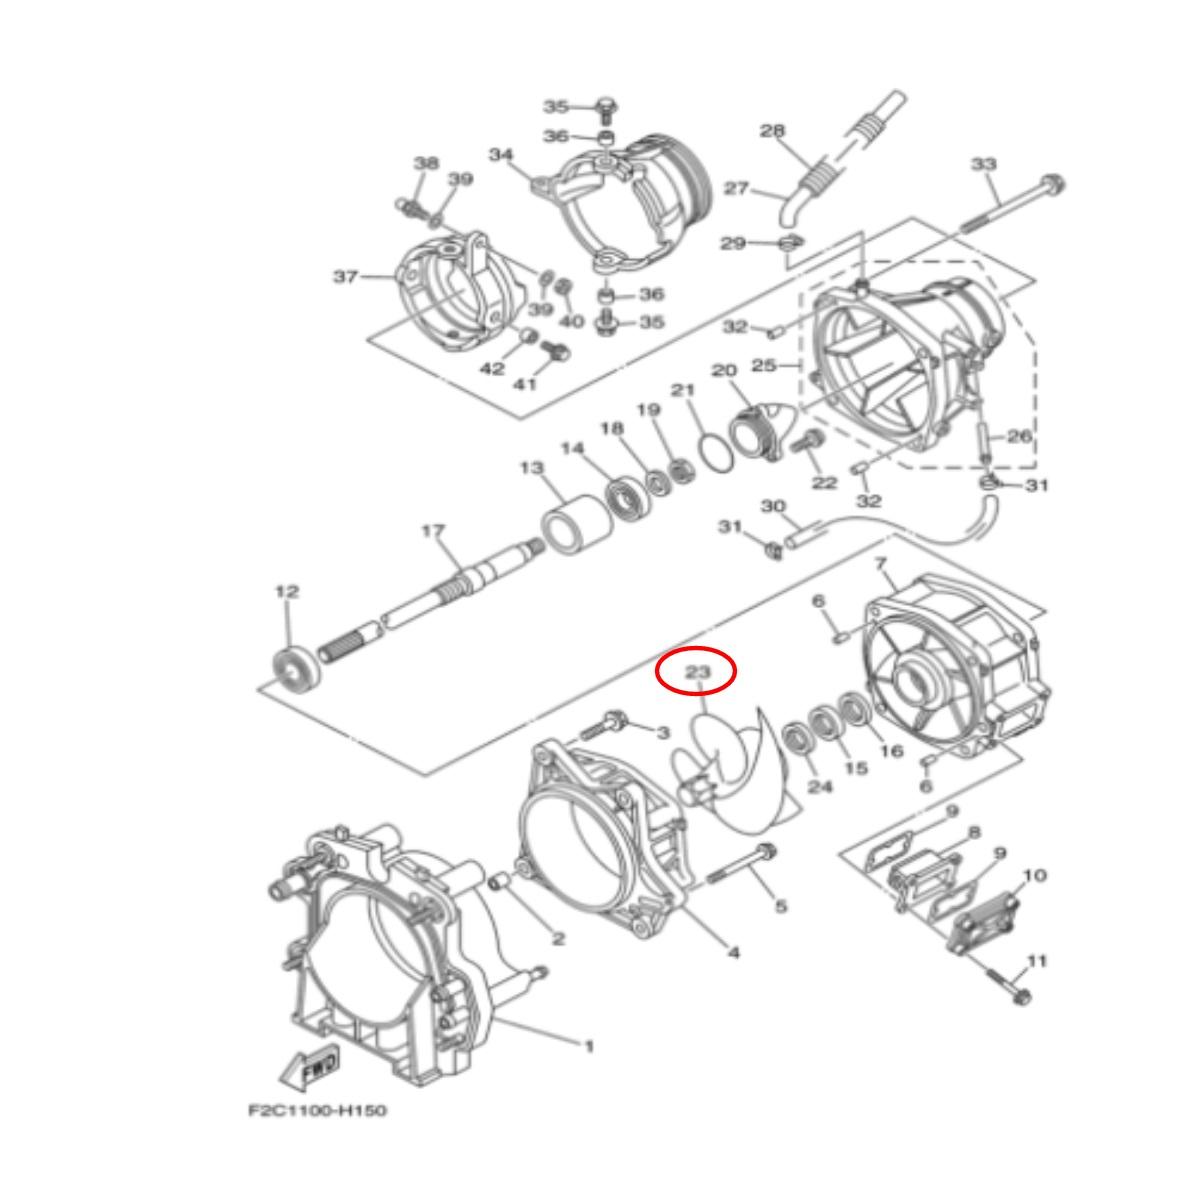 Hélice Solas para Jet Ski Yamaha Fzr/Fzs/Fx Sho 15/22  - Radical Peças - Peças para Jet Ski